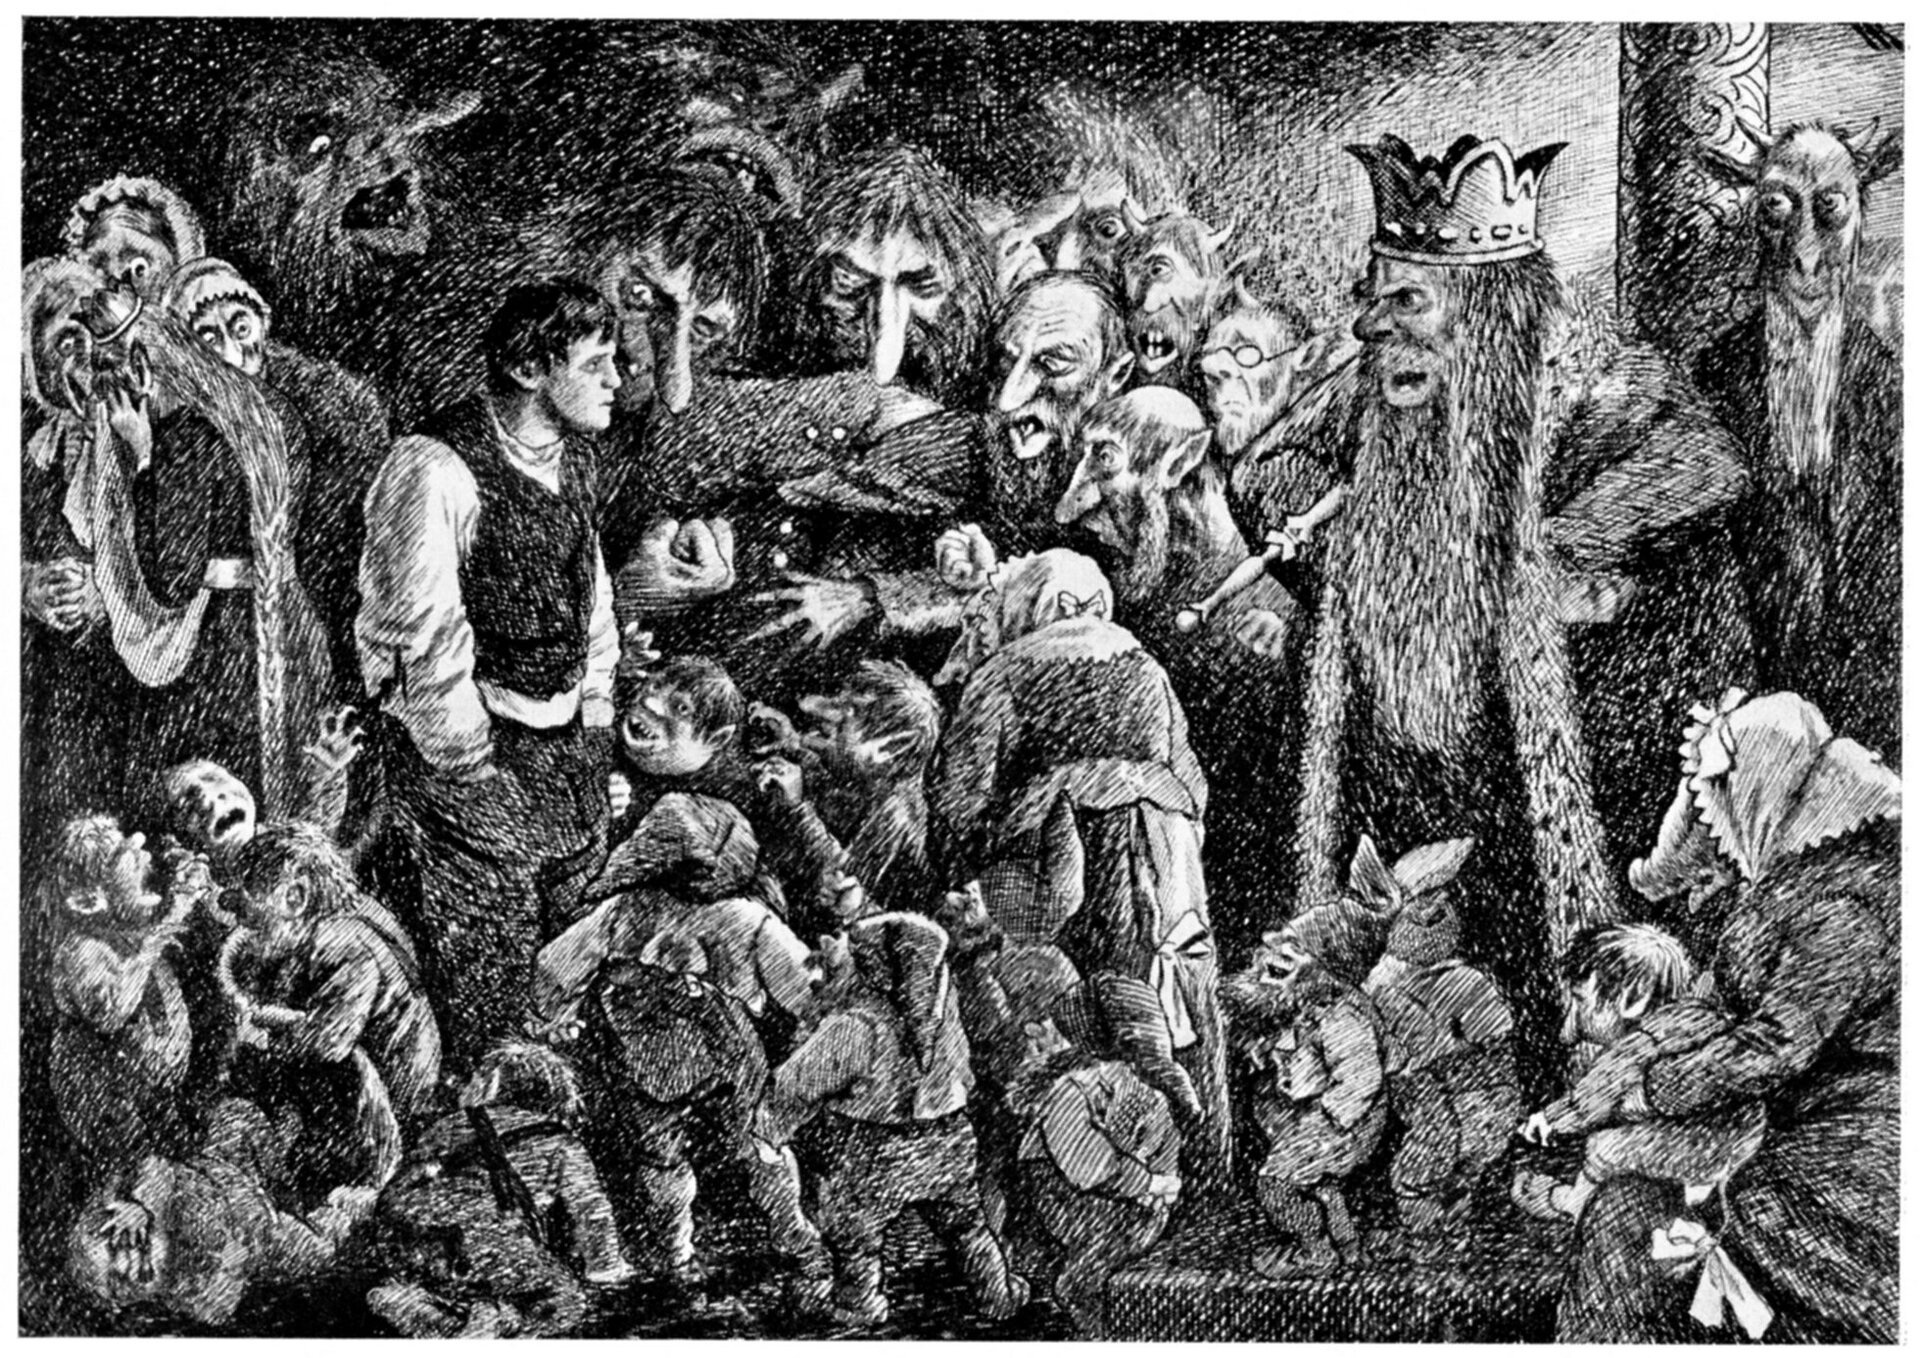 """lustracja przedstawia rysunek """"Peer Gynt uKróla Wzgórz"""" autorstwa Teodora Severyna Kittelsena. Widoczne są zniekształcone postacie zcharakterystycznymi długi nosami. Otaczają one człowieka Peer Gynta."""